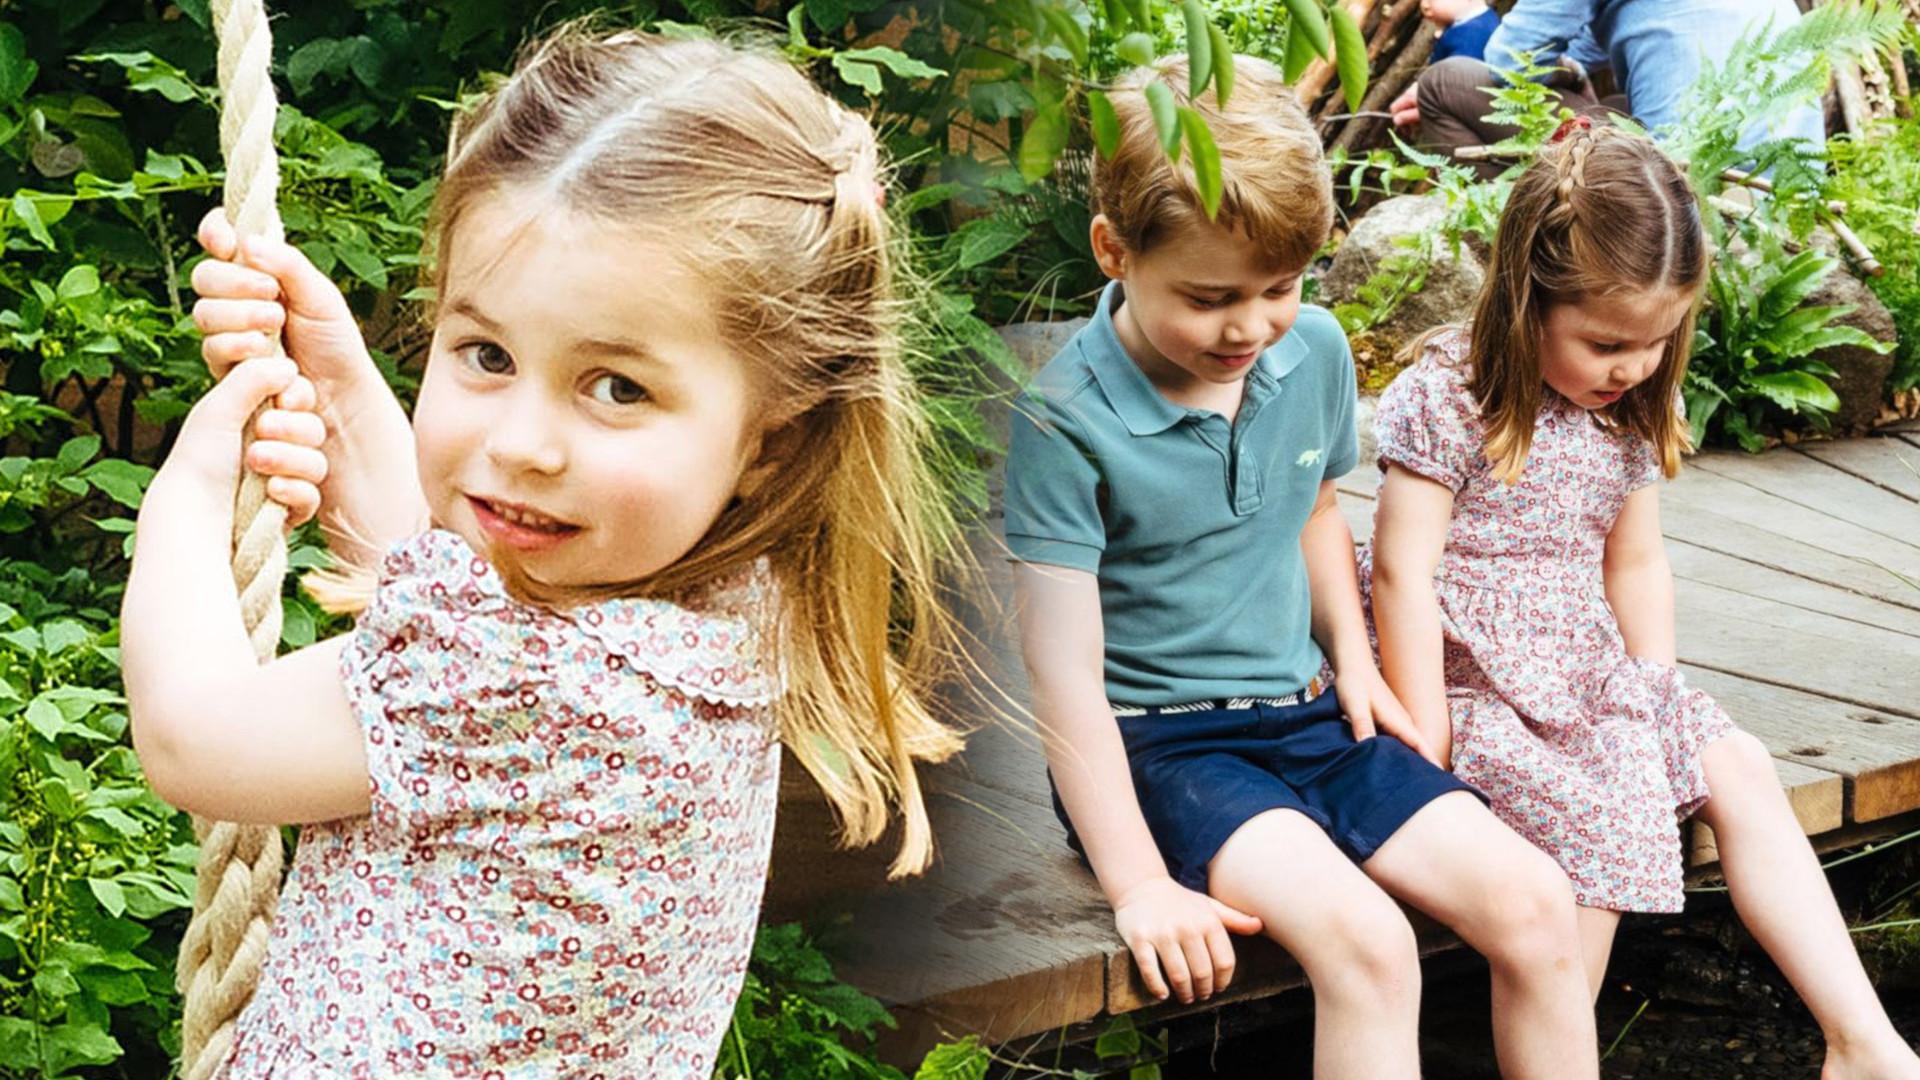 Księżniczka Charlotte RZĄDZI swoim starszym bratem, księciem Georgem – to video robi FURORĘ w sieci